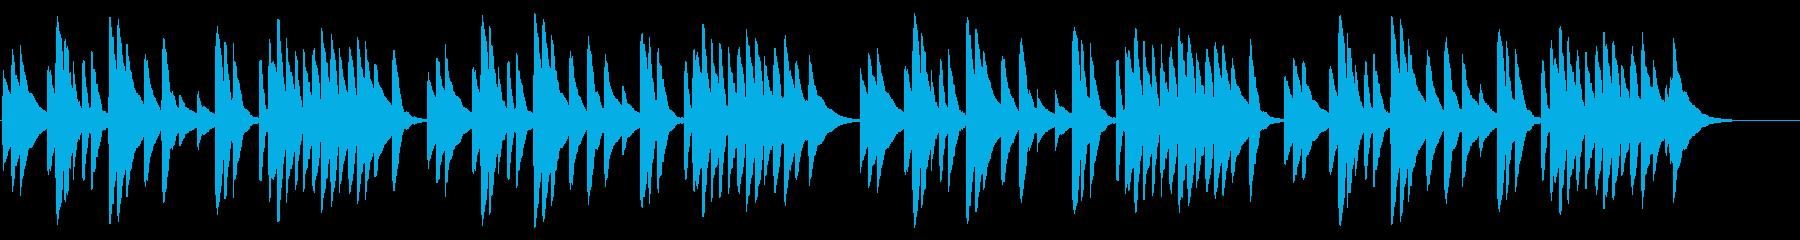 赤とんぼ 18弁オルゴールの再生済みの波形